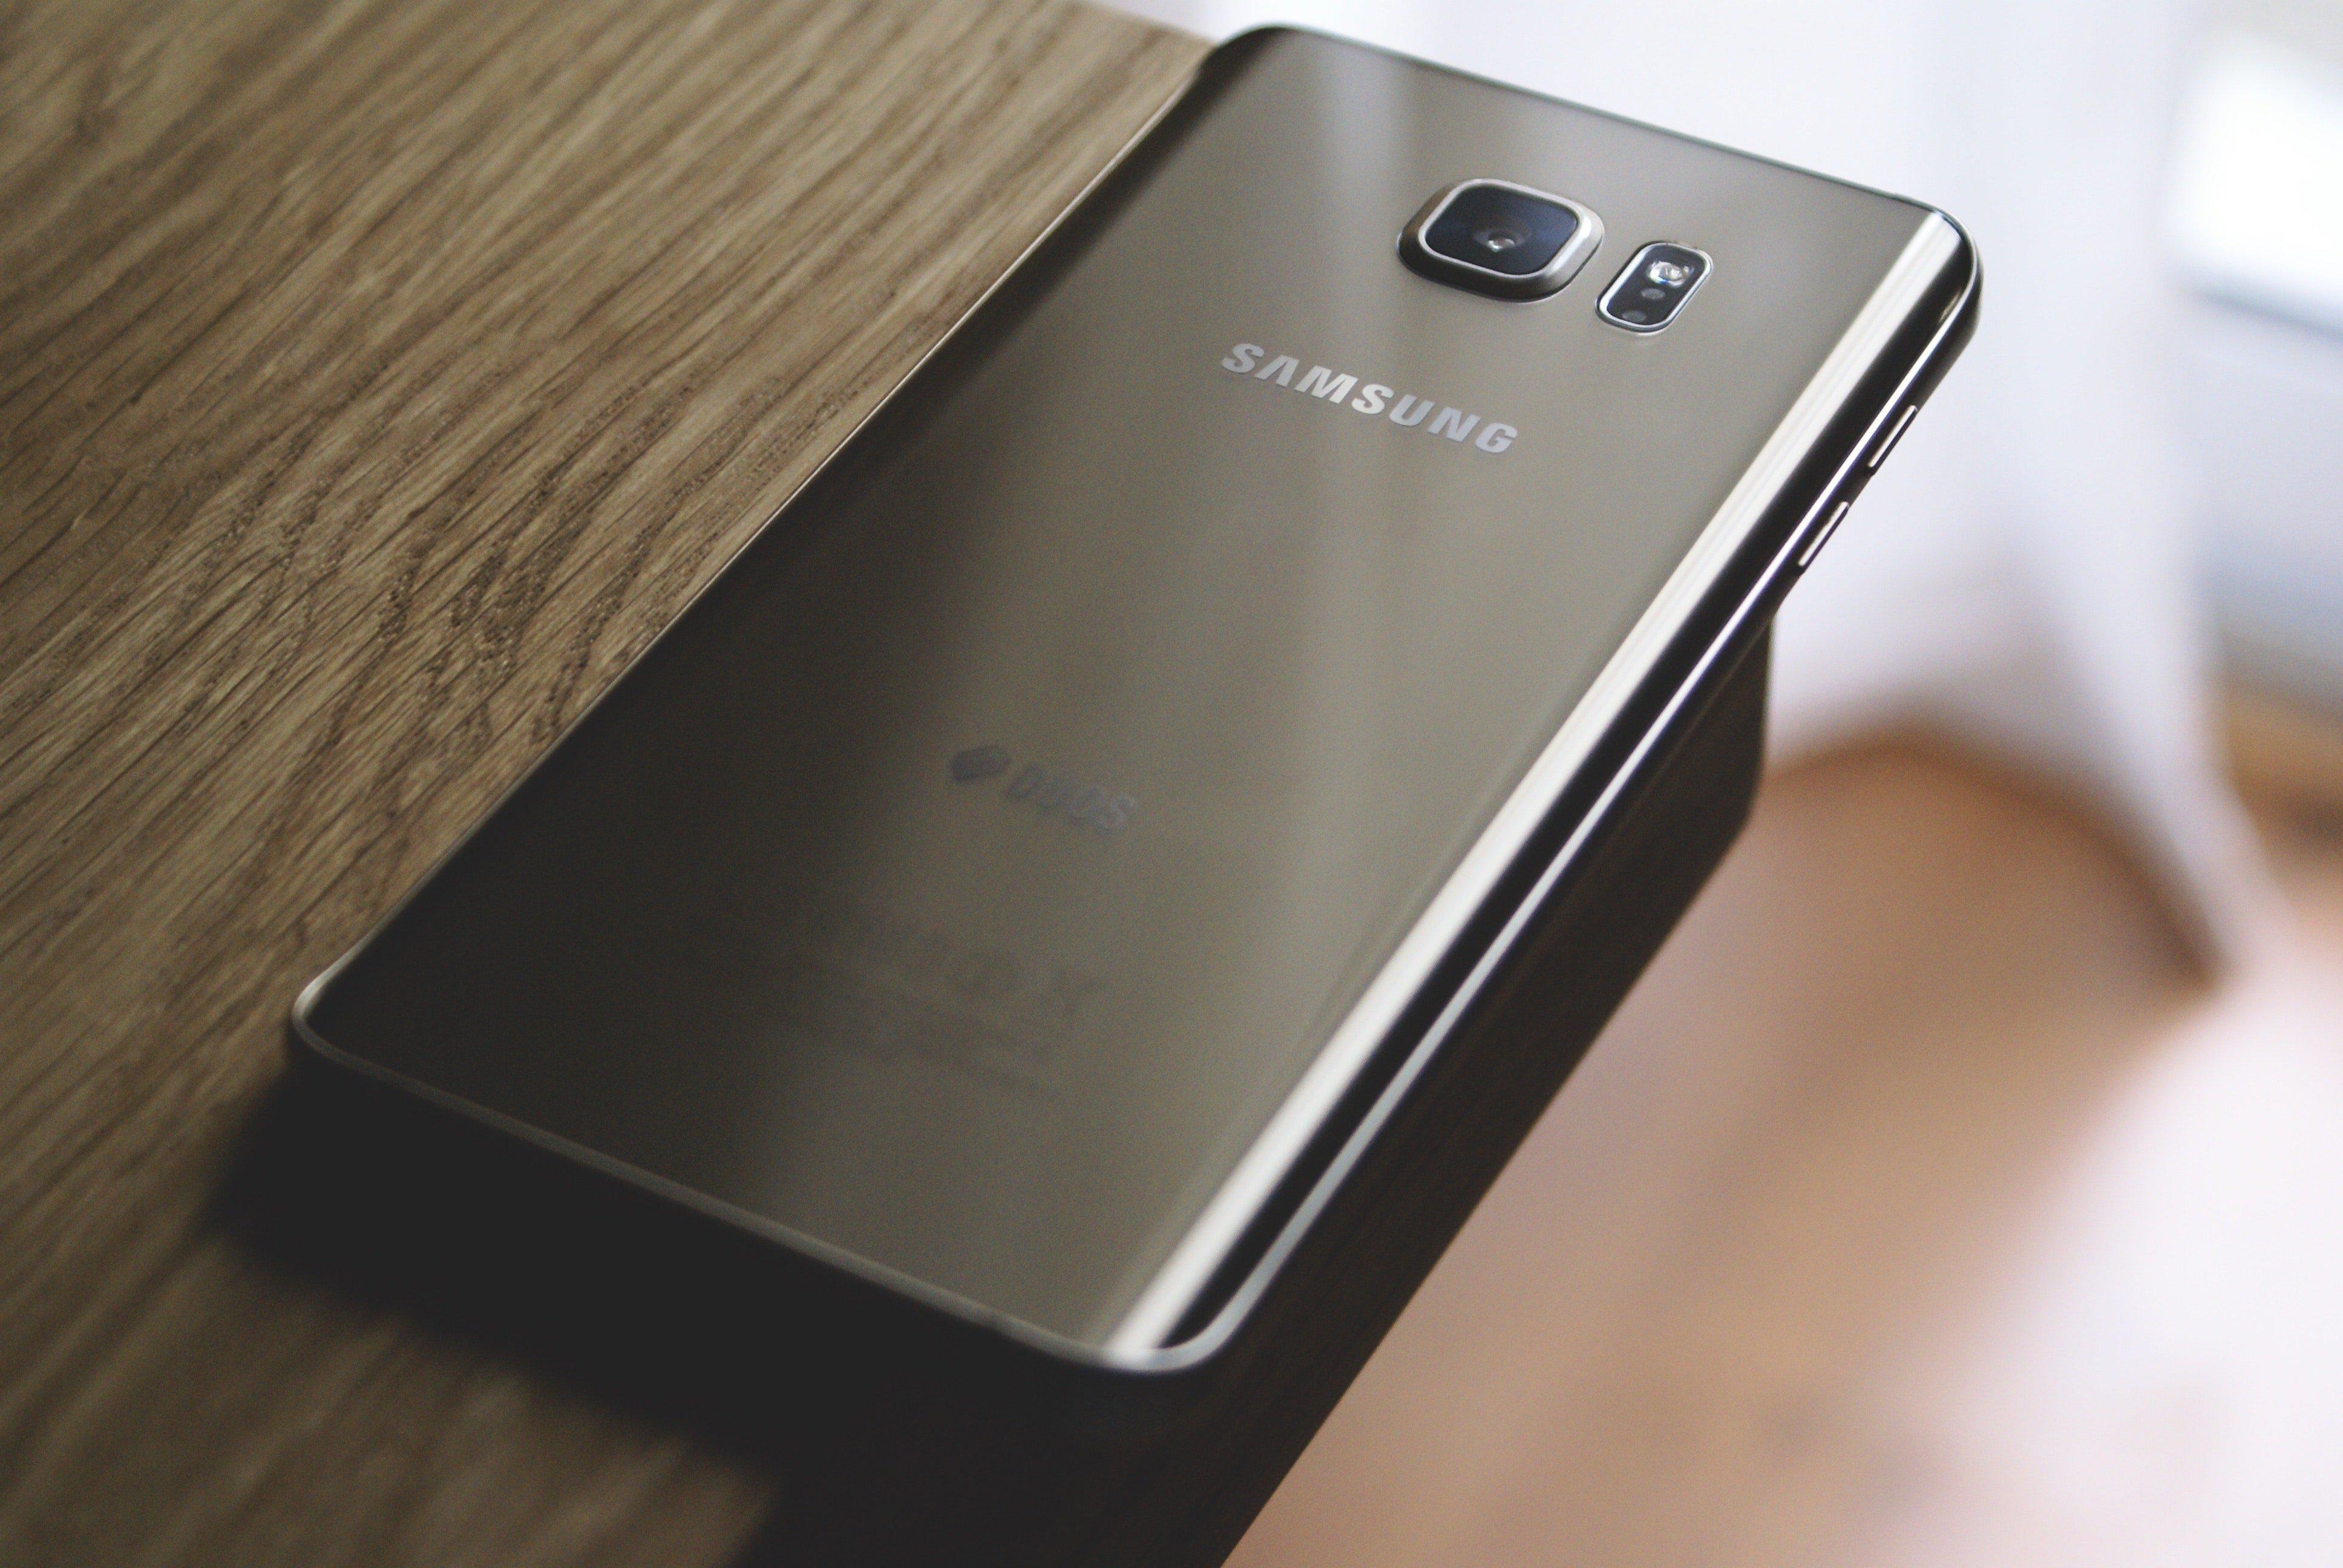 Самсунг запатентовала новые гибкие ипрозрачные мобильные телефоны